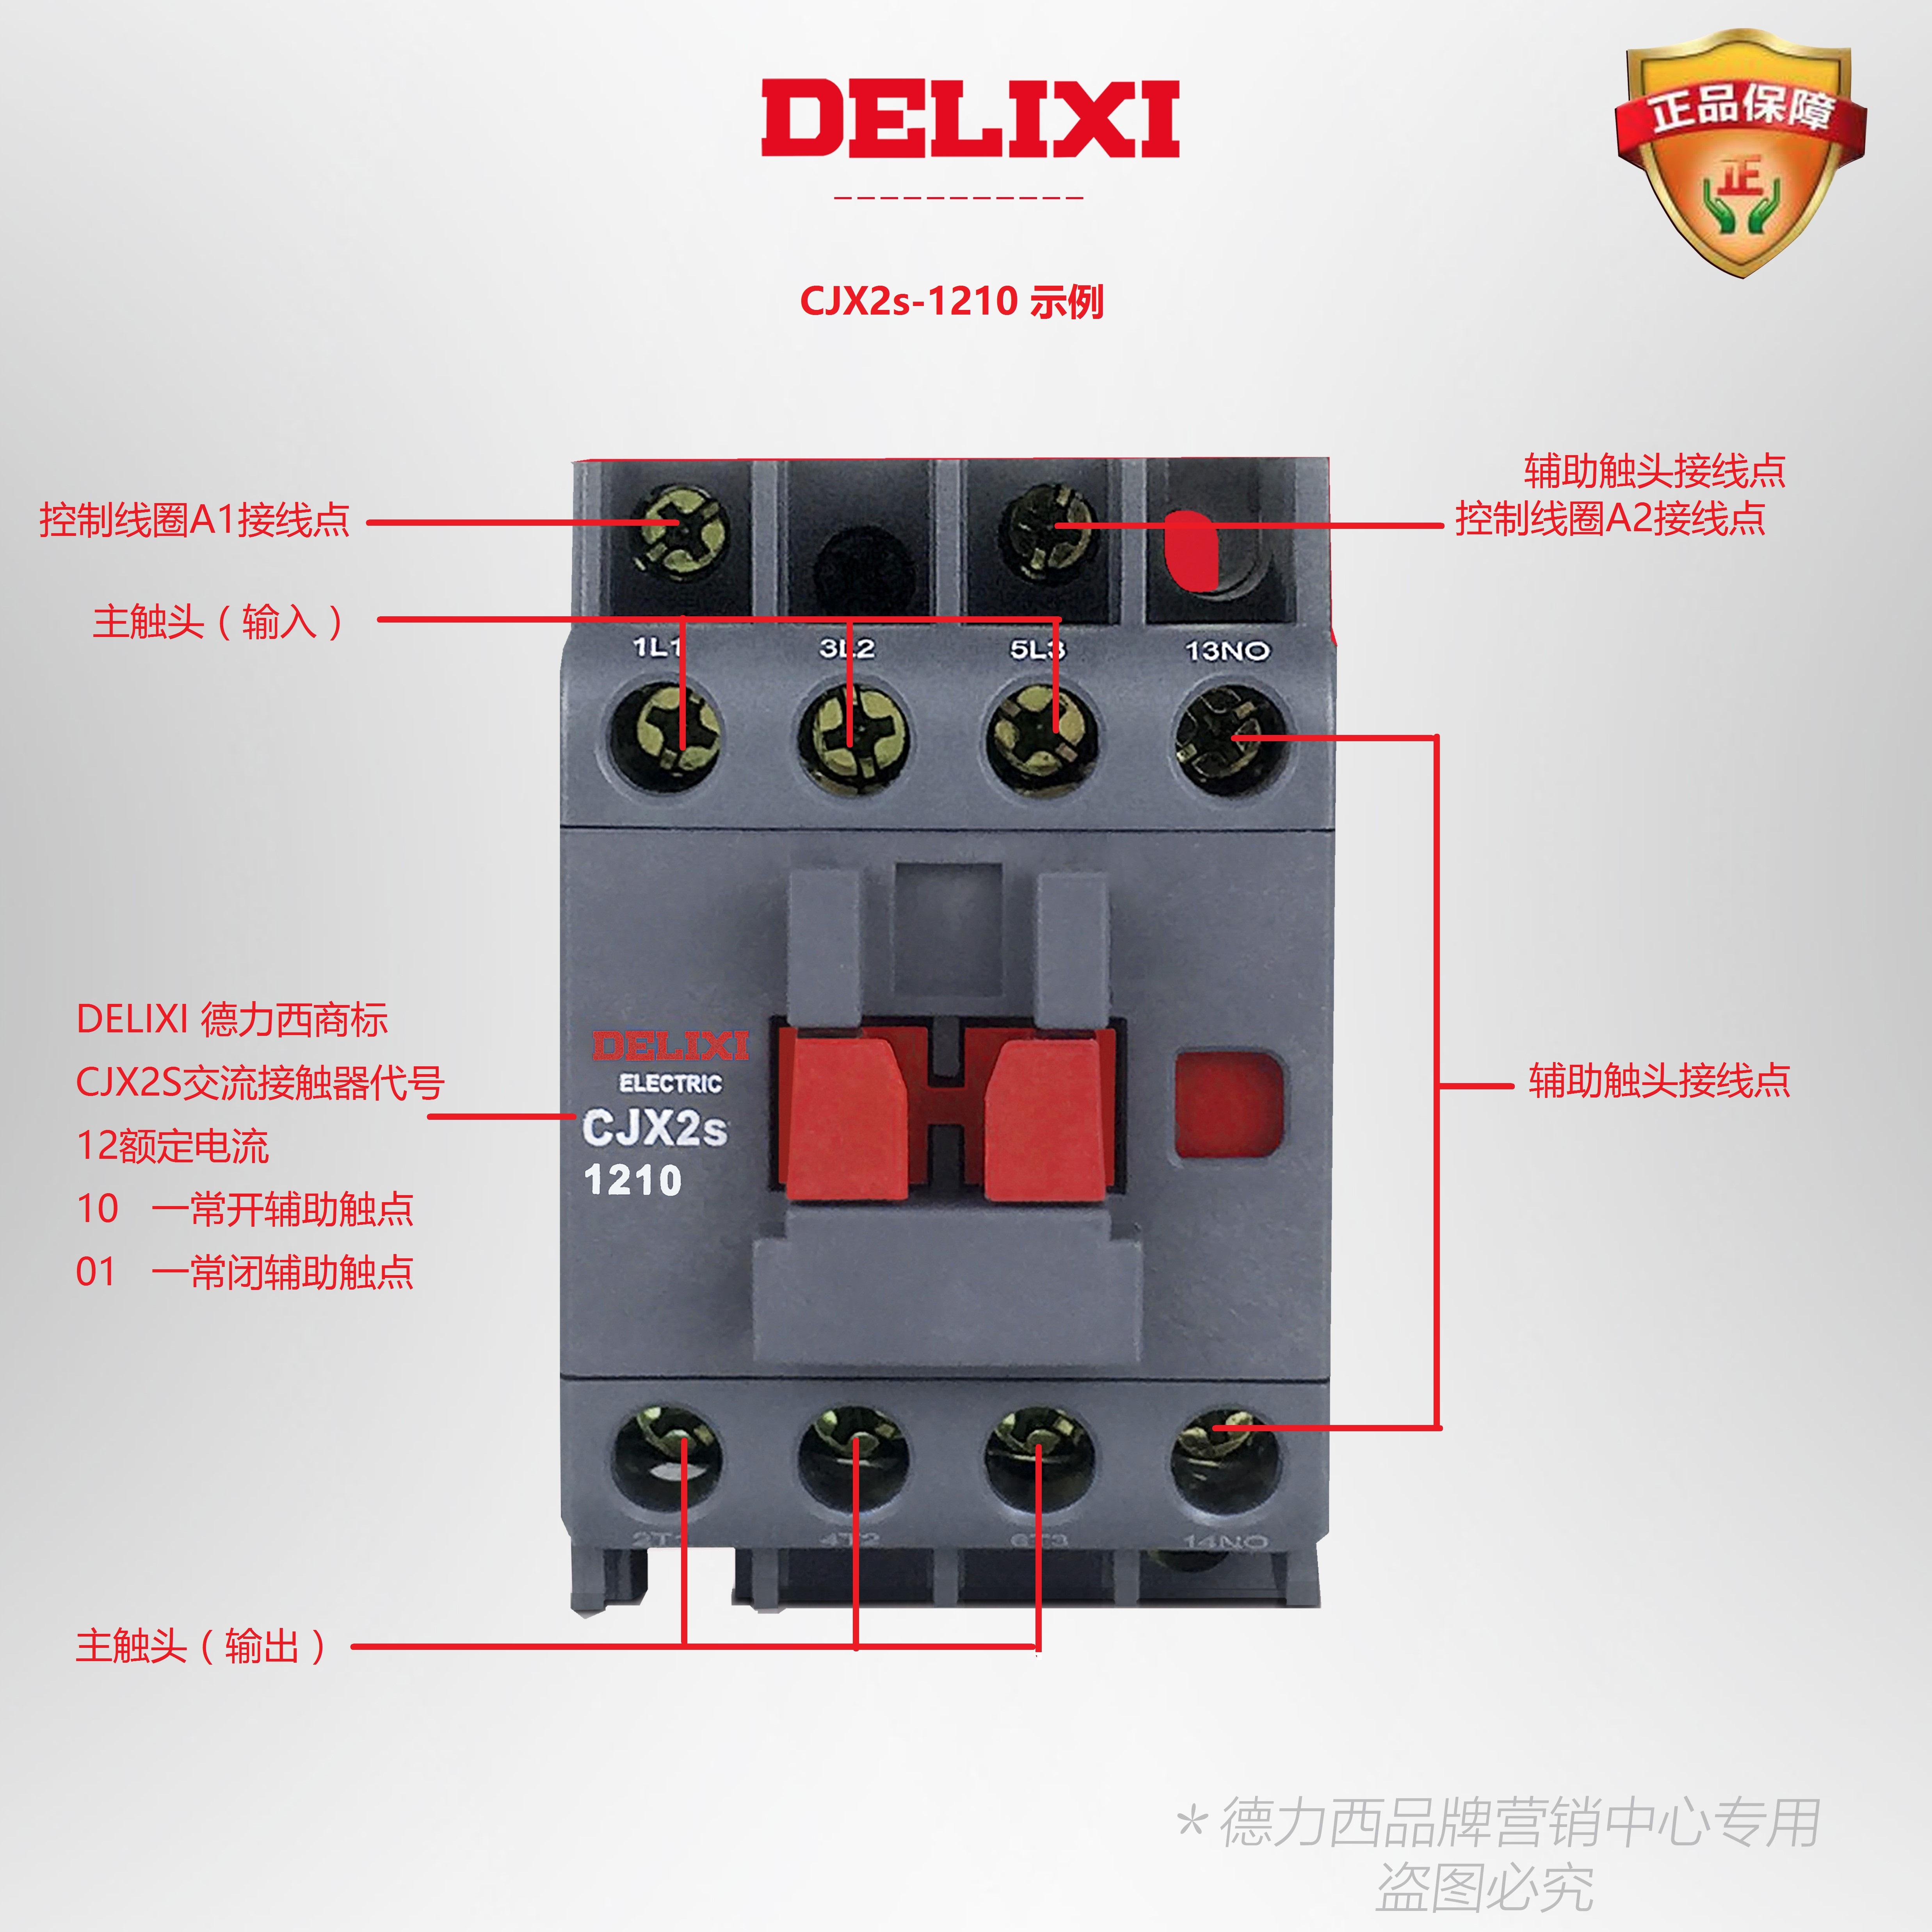 380V 220V 110V 36V 2501 2510 CJX2s 25A 德正品德力西交流接触器